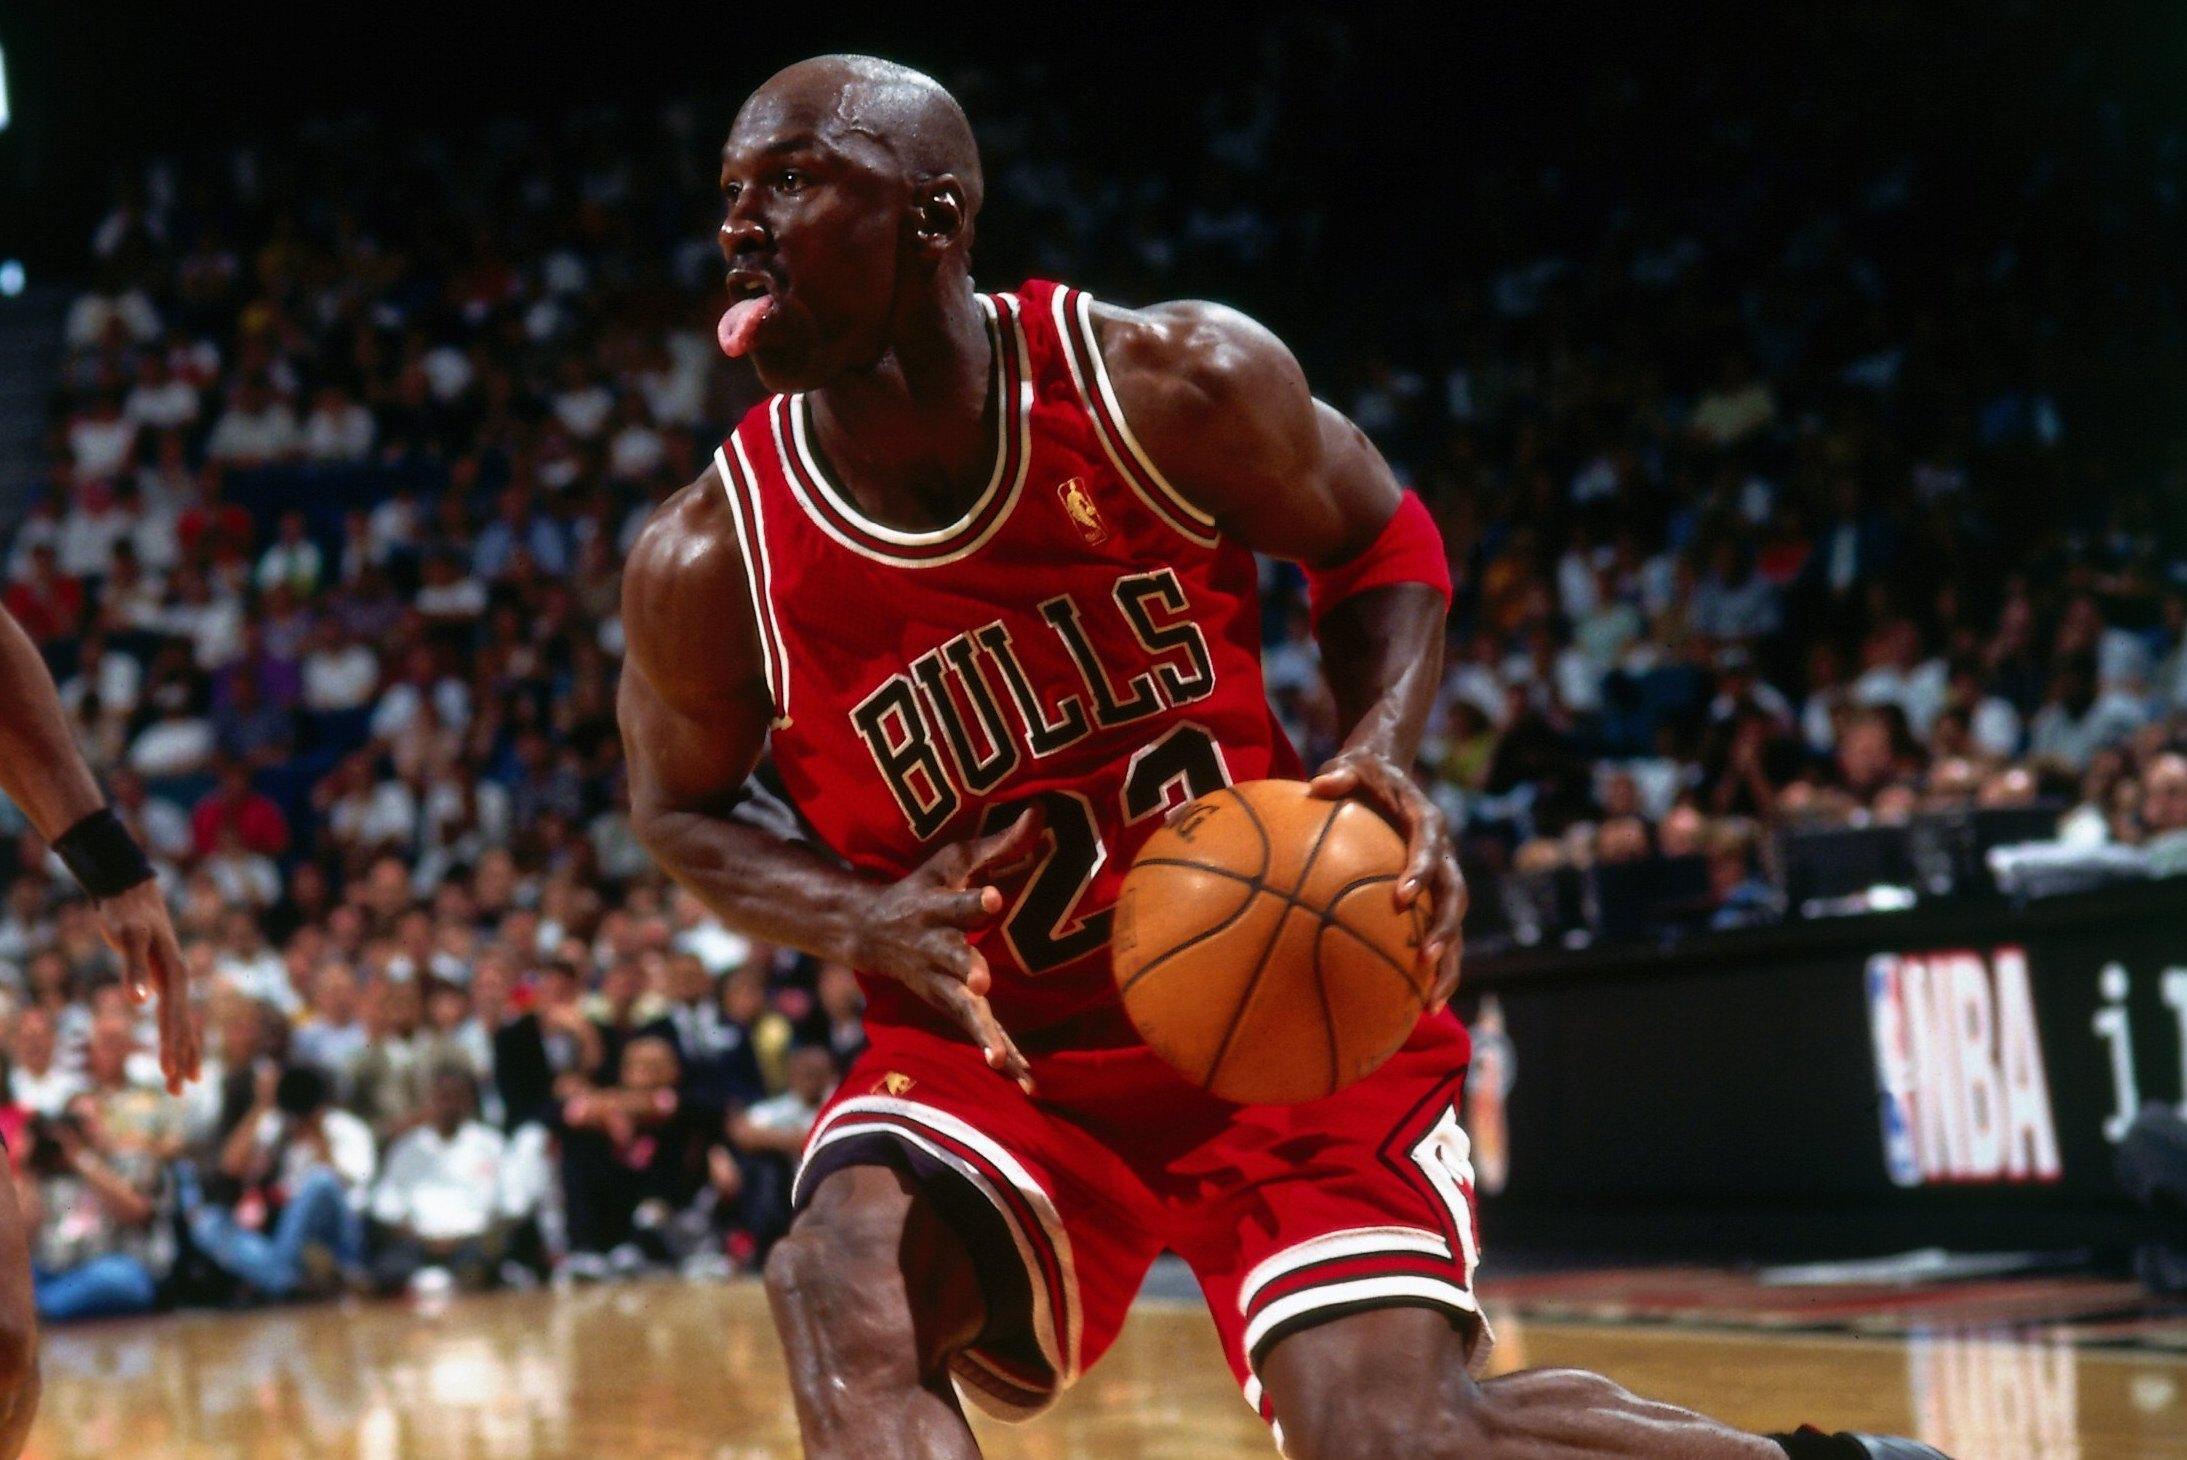 Nba Nba Players Basketball: 10 Greatest NBA Players Of All Time